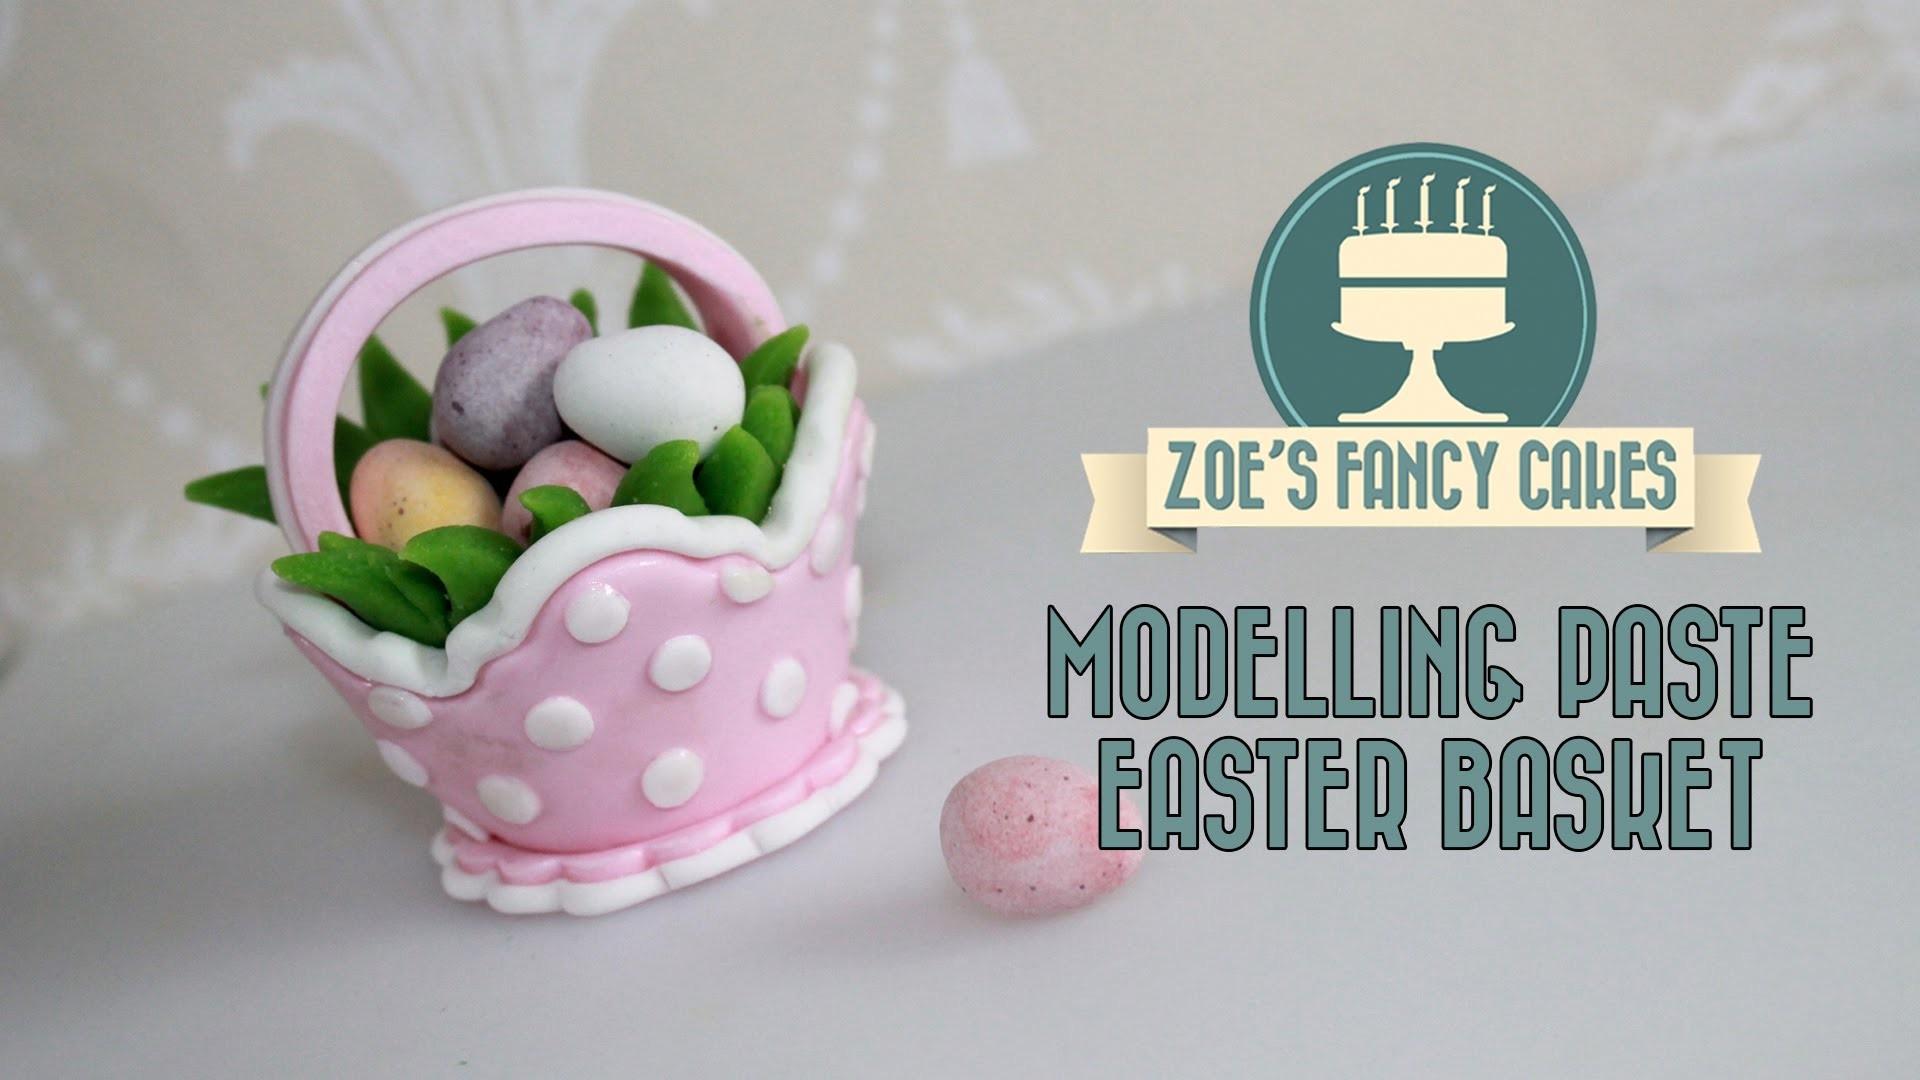 Modelling paste Easter basket cake topper for mini eggs fondant cake decorating tutorials